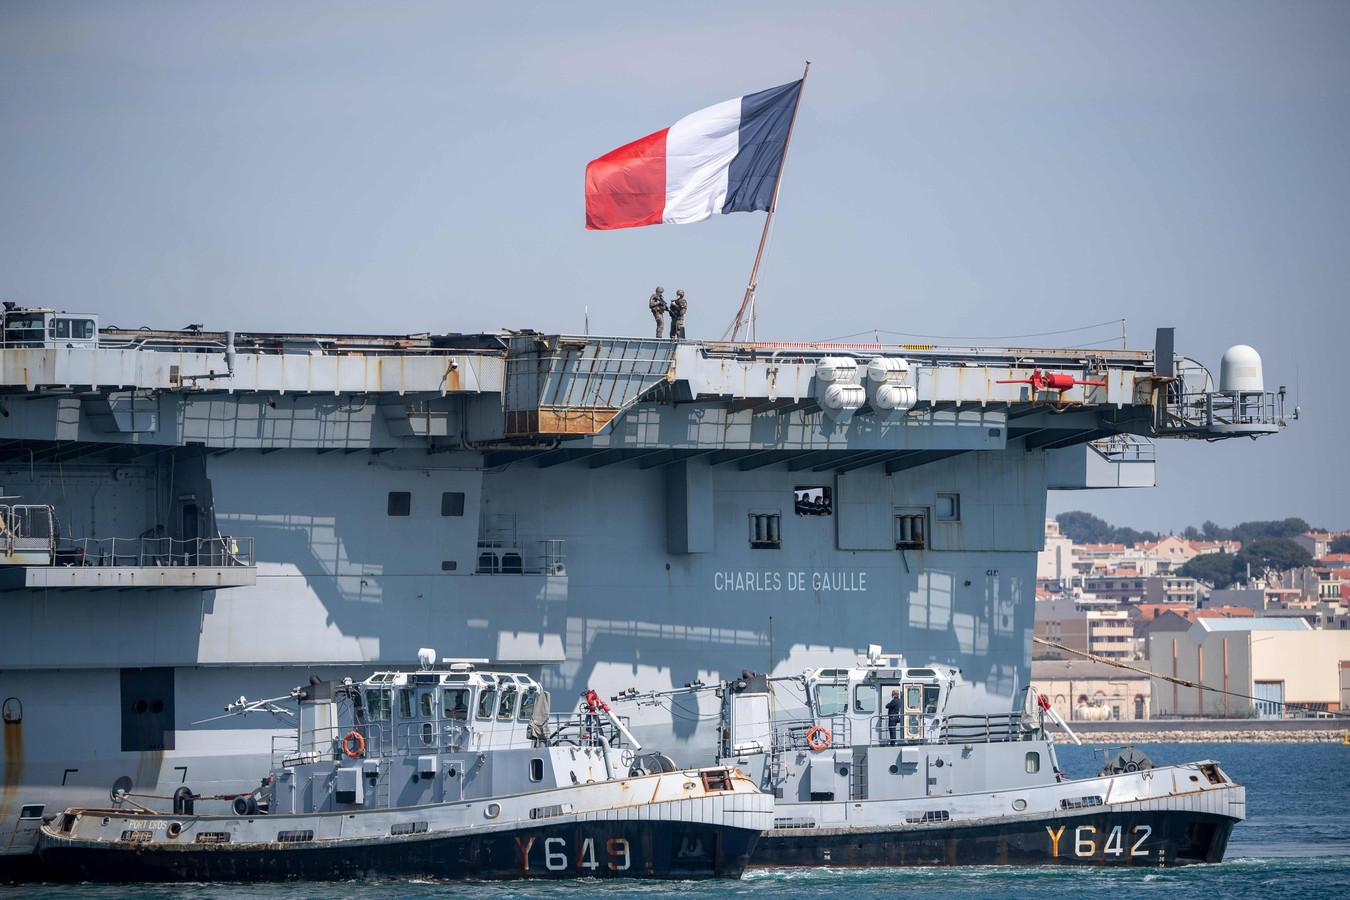 Een derde van de bemanning van het Franse vliegdekschip Charles de Gaulle is besmet met Covid-19.